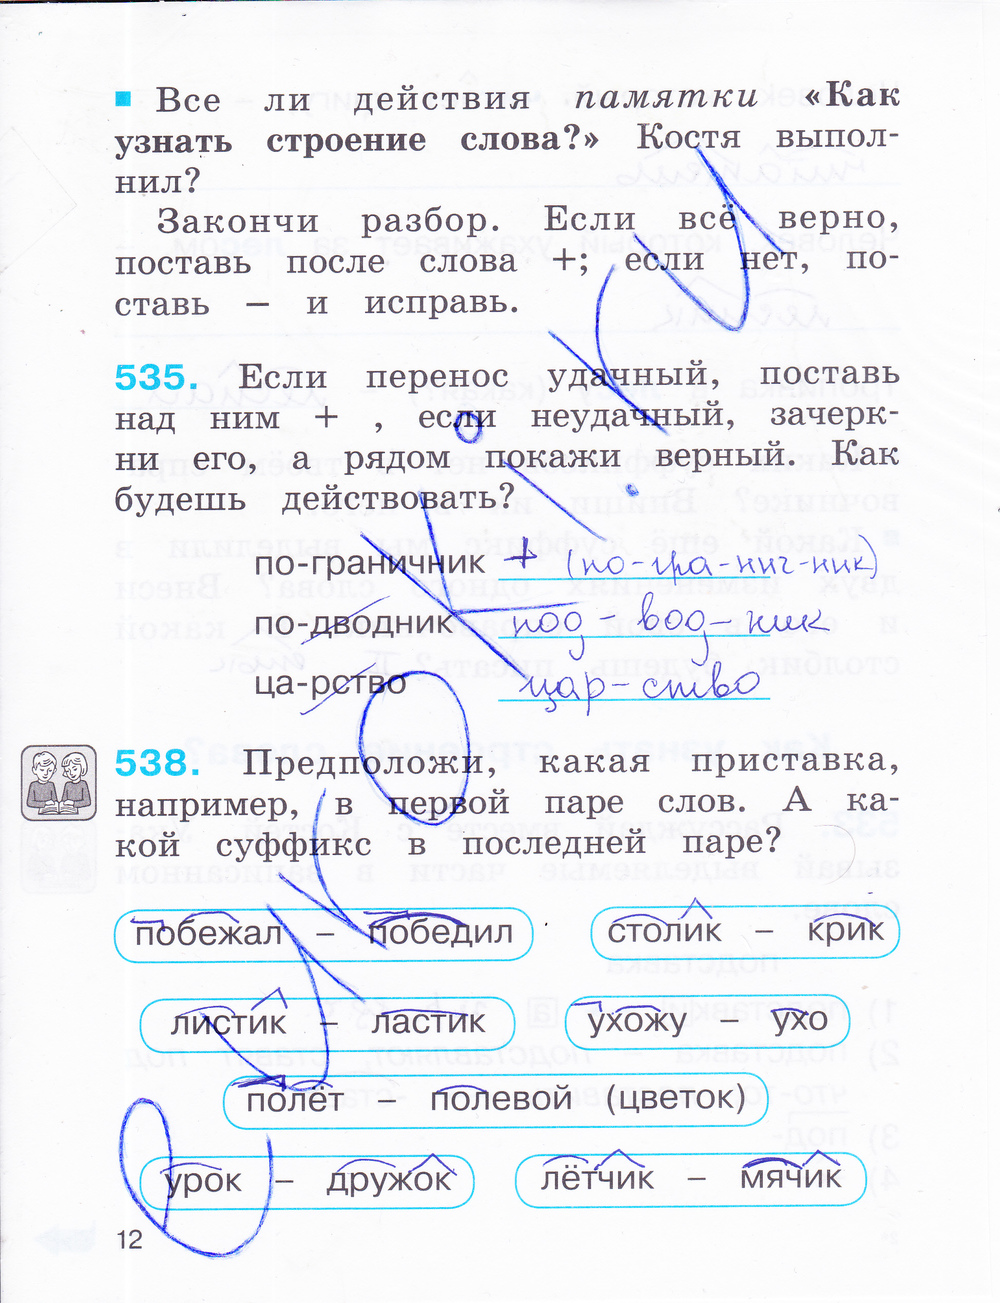 решебник 3 класса по русскому языку 2 часть гармония